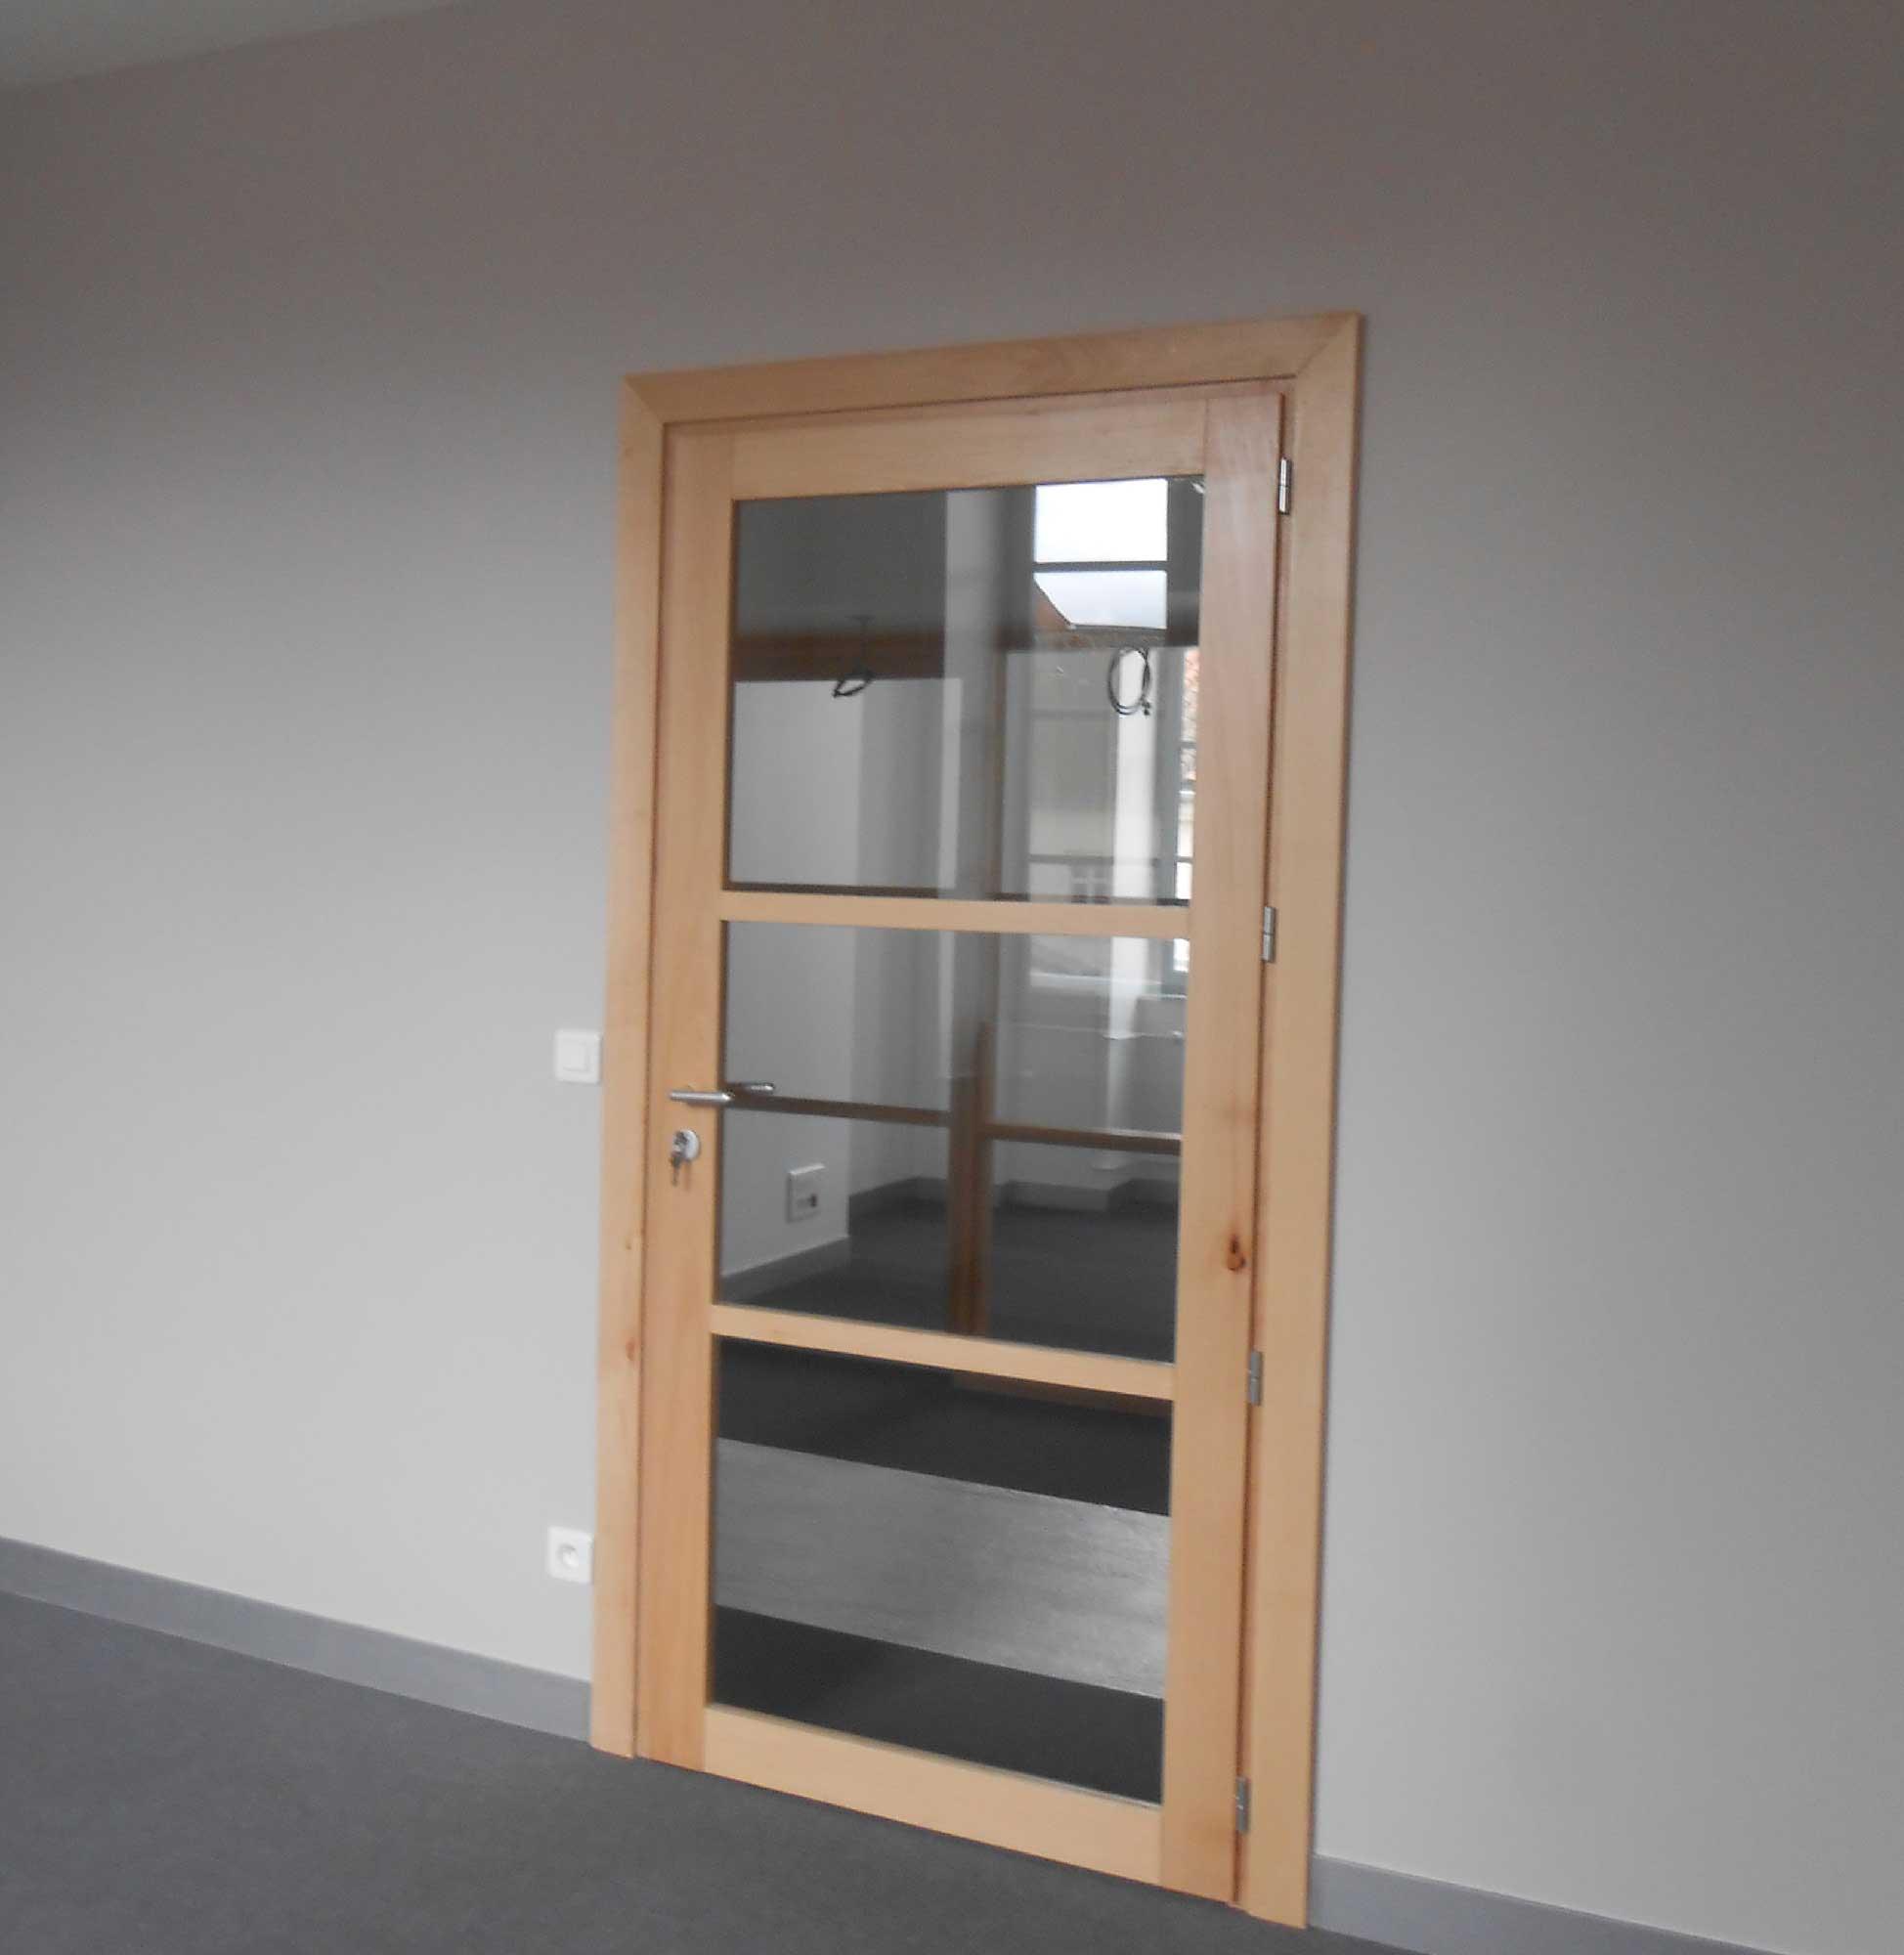 Meuble Salle De Bain Bambou Pas Cher ~ Menuiseries Am Nagements Int Rieur Sur Mesure Menuiserie Drifford